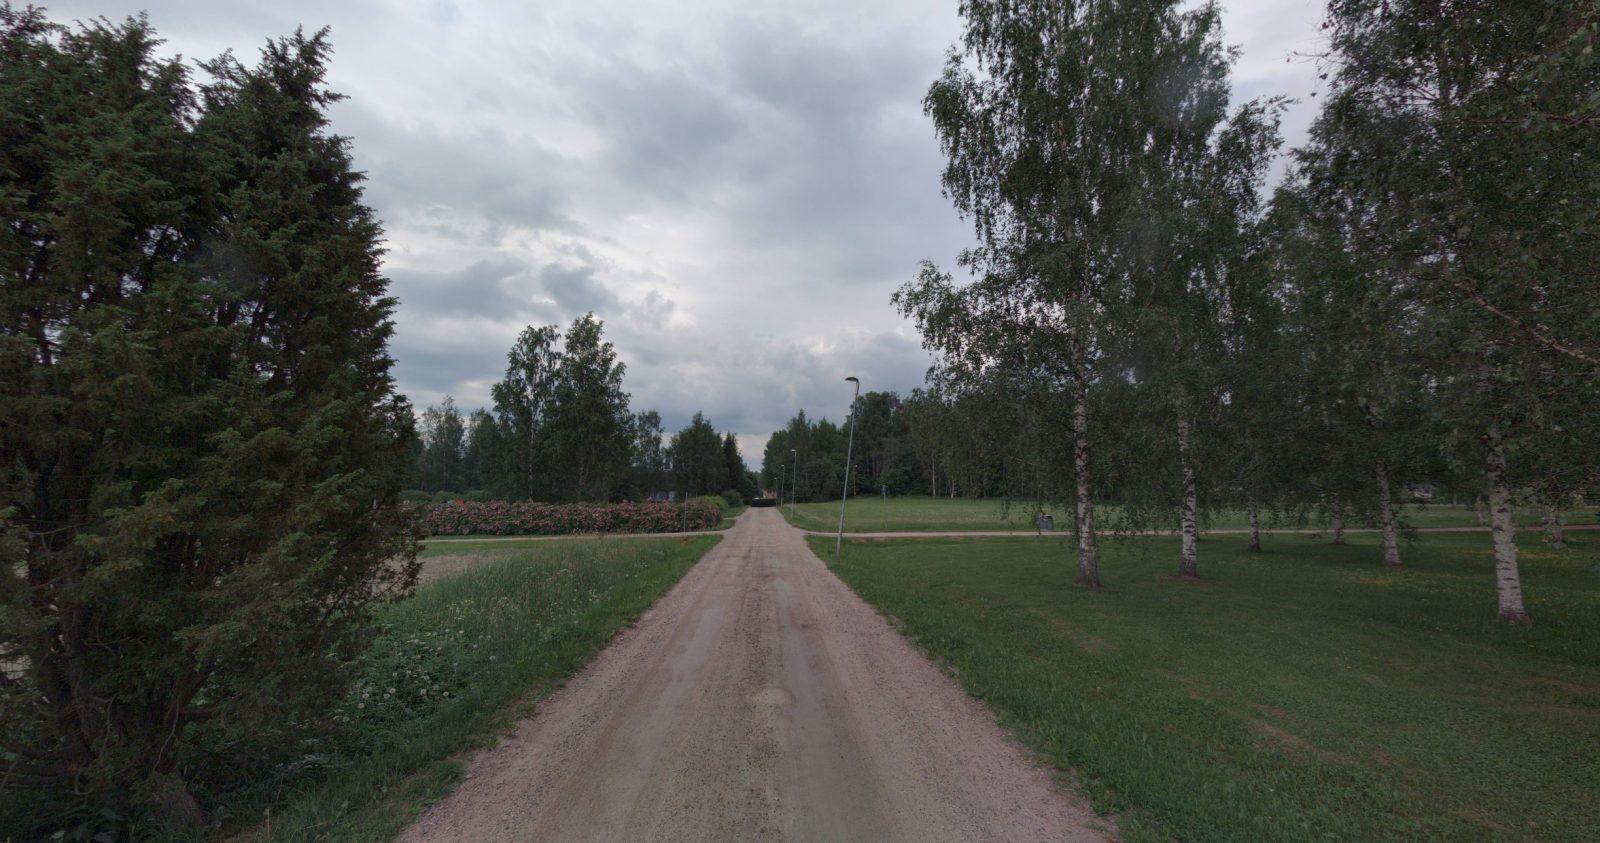 Näkymä Vanhankartanonpellon puistoalueelta puistoraittia pitkin pohjoiseen.